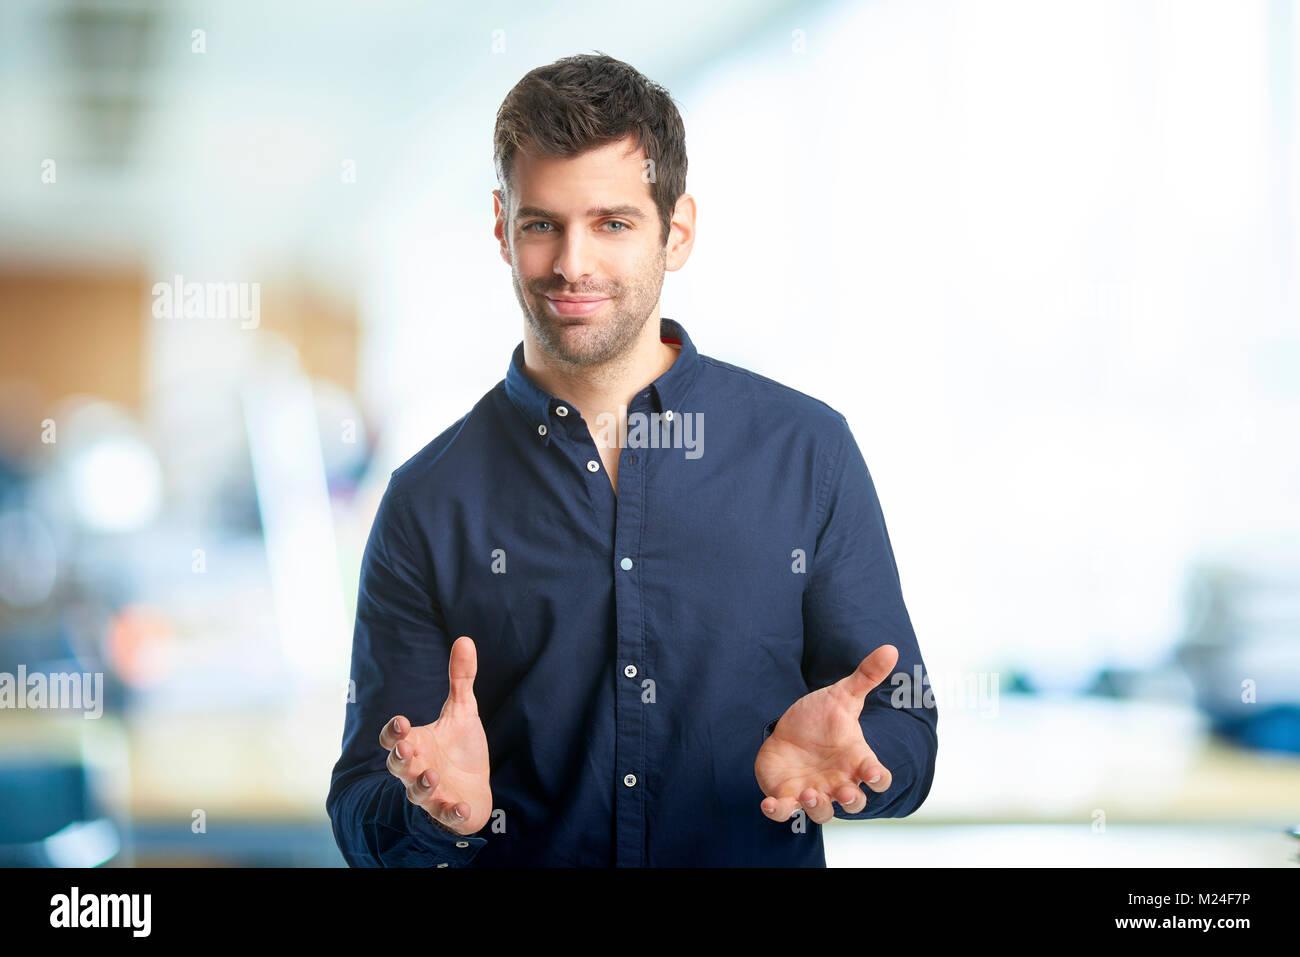 Portrait von lächelnden jungen Geschäftsmann, der mit seinen Armen im Büro. Stockbild